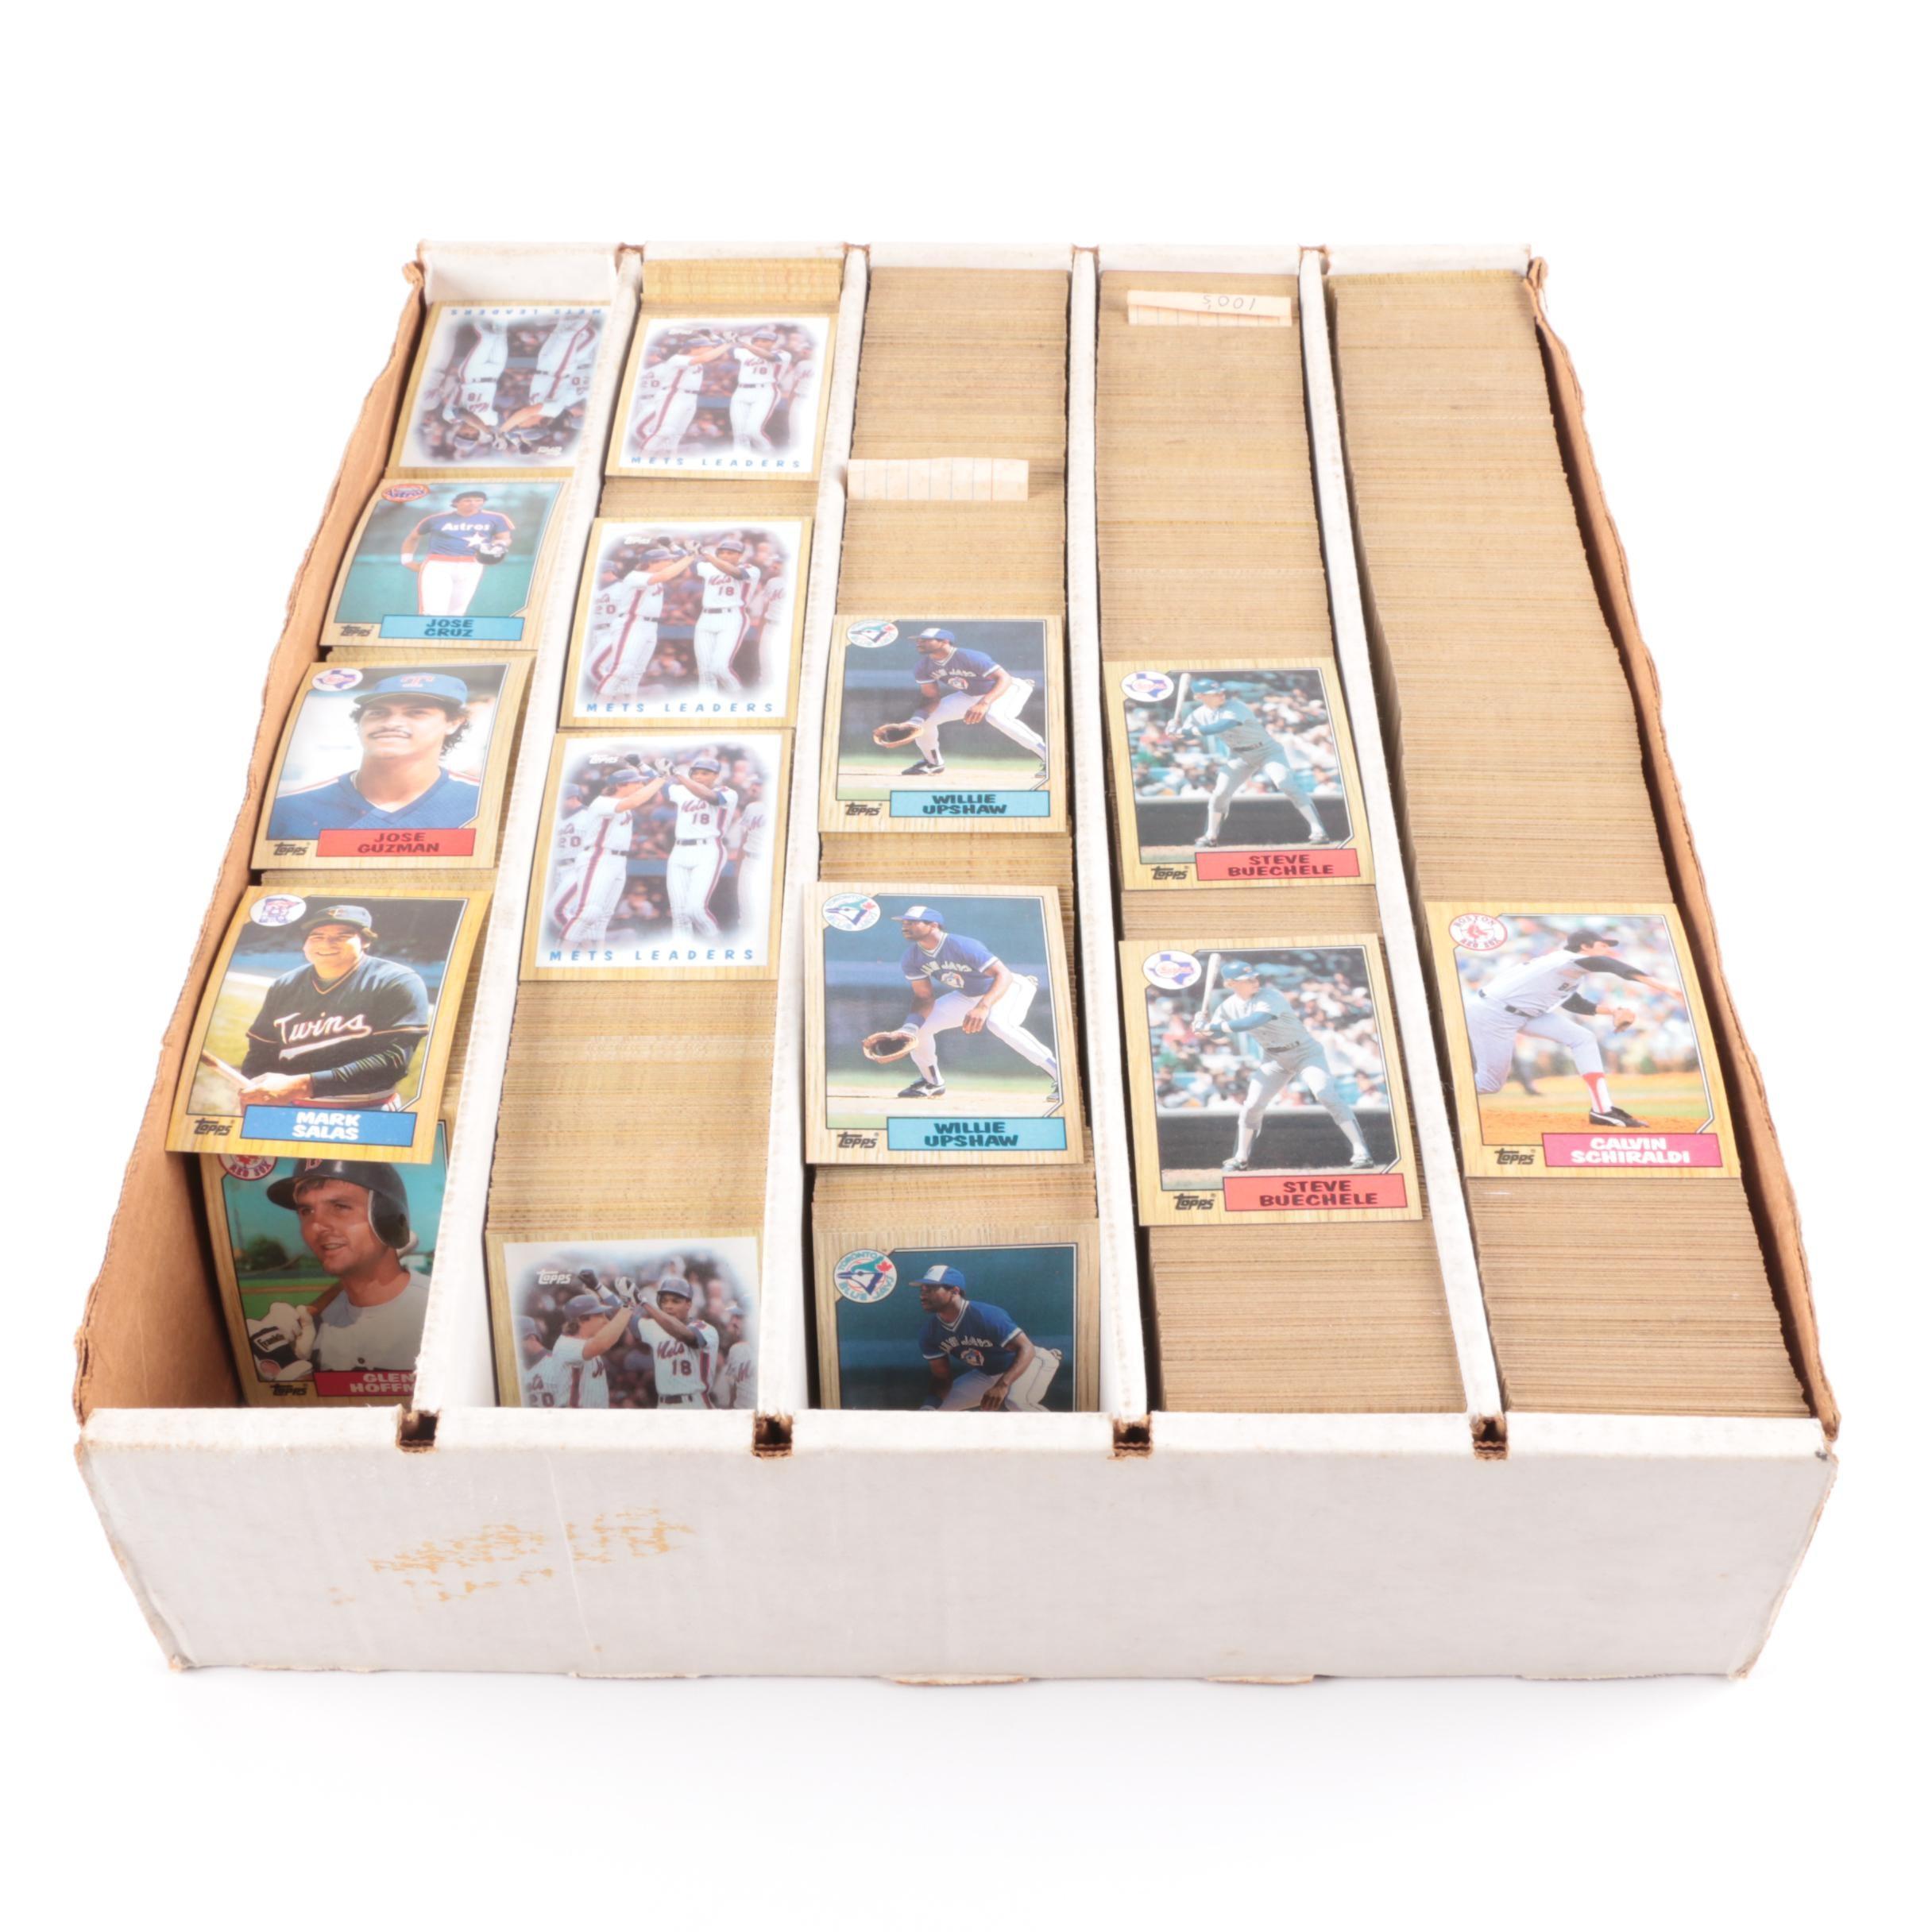 1980s Baseball Cards Including Topps